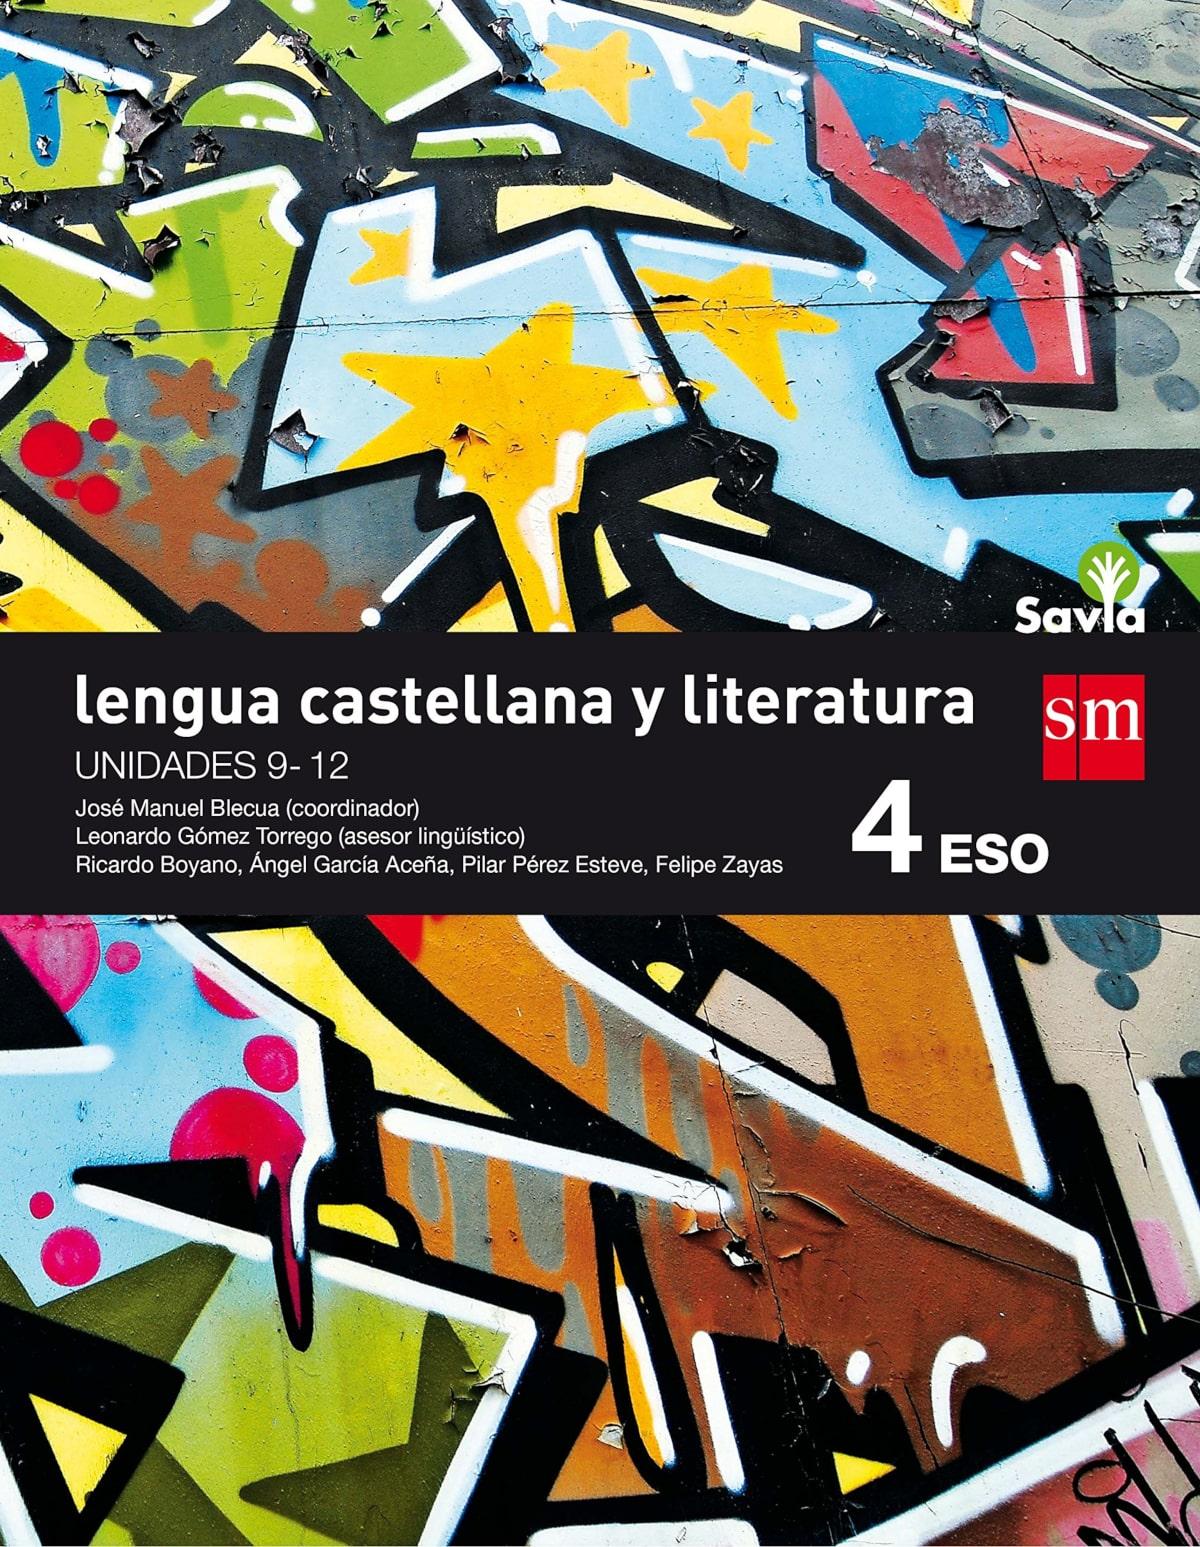 libro de literatura y contemporaneidad 2 pdf